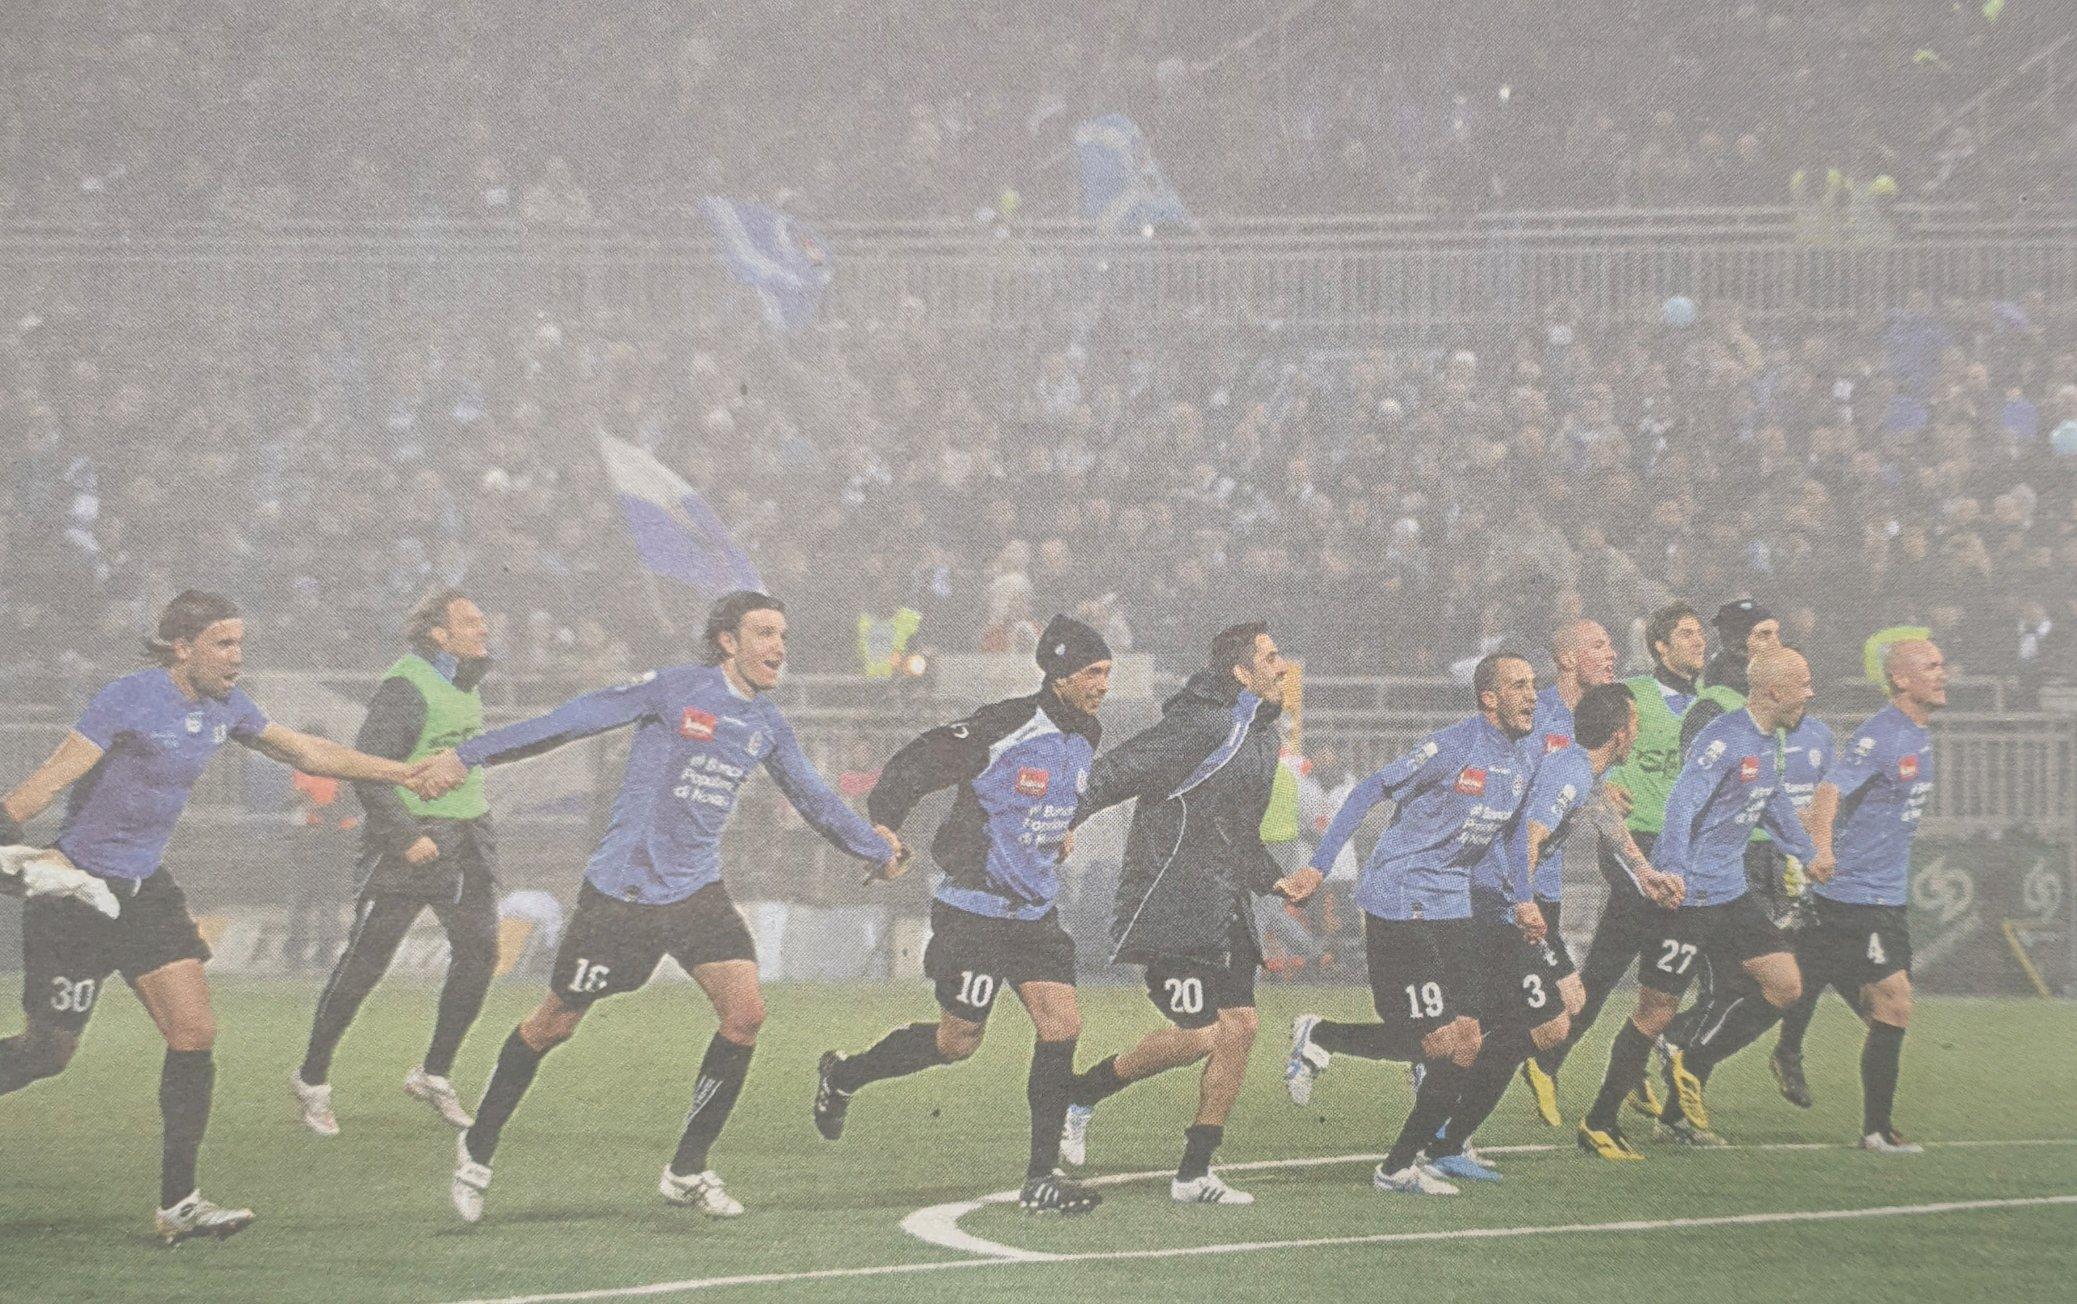 Campionato 2010/11 dieci anni dopo (quinta parte 25-30 giornata)